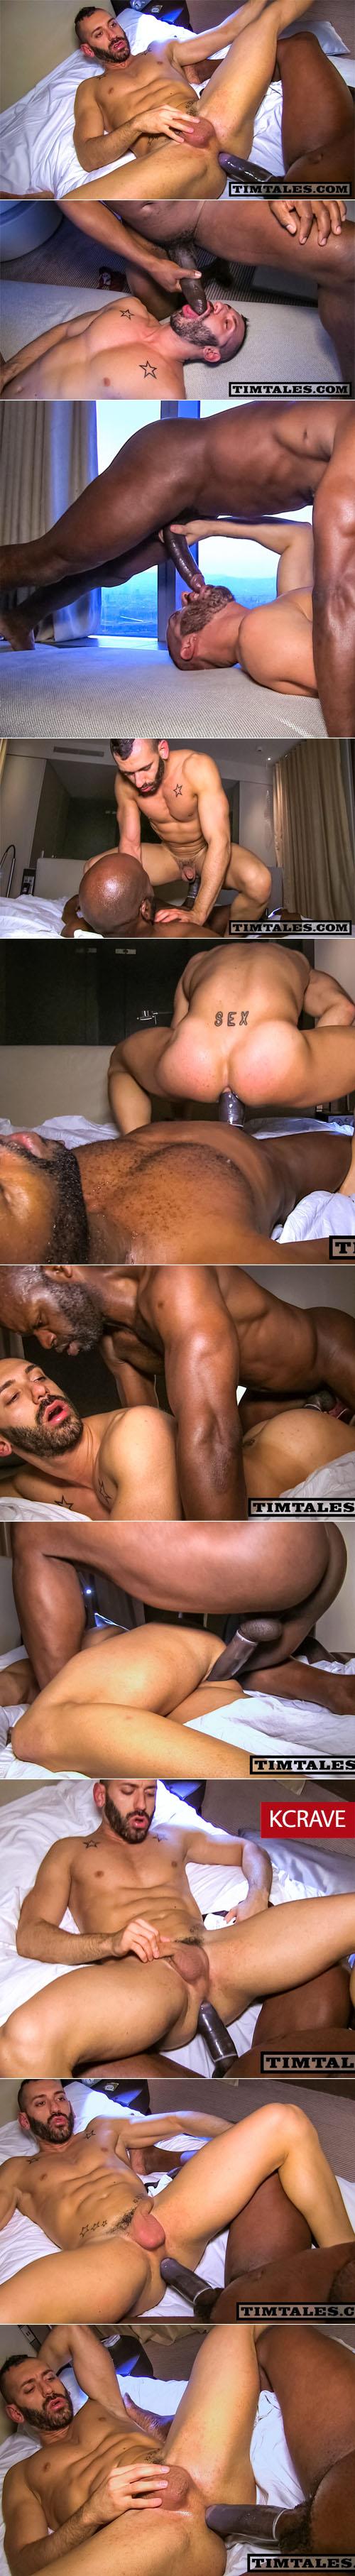 CutlerX and Italo - Interracial Gay Porn